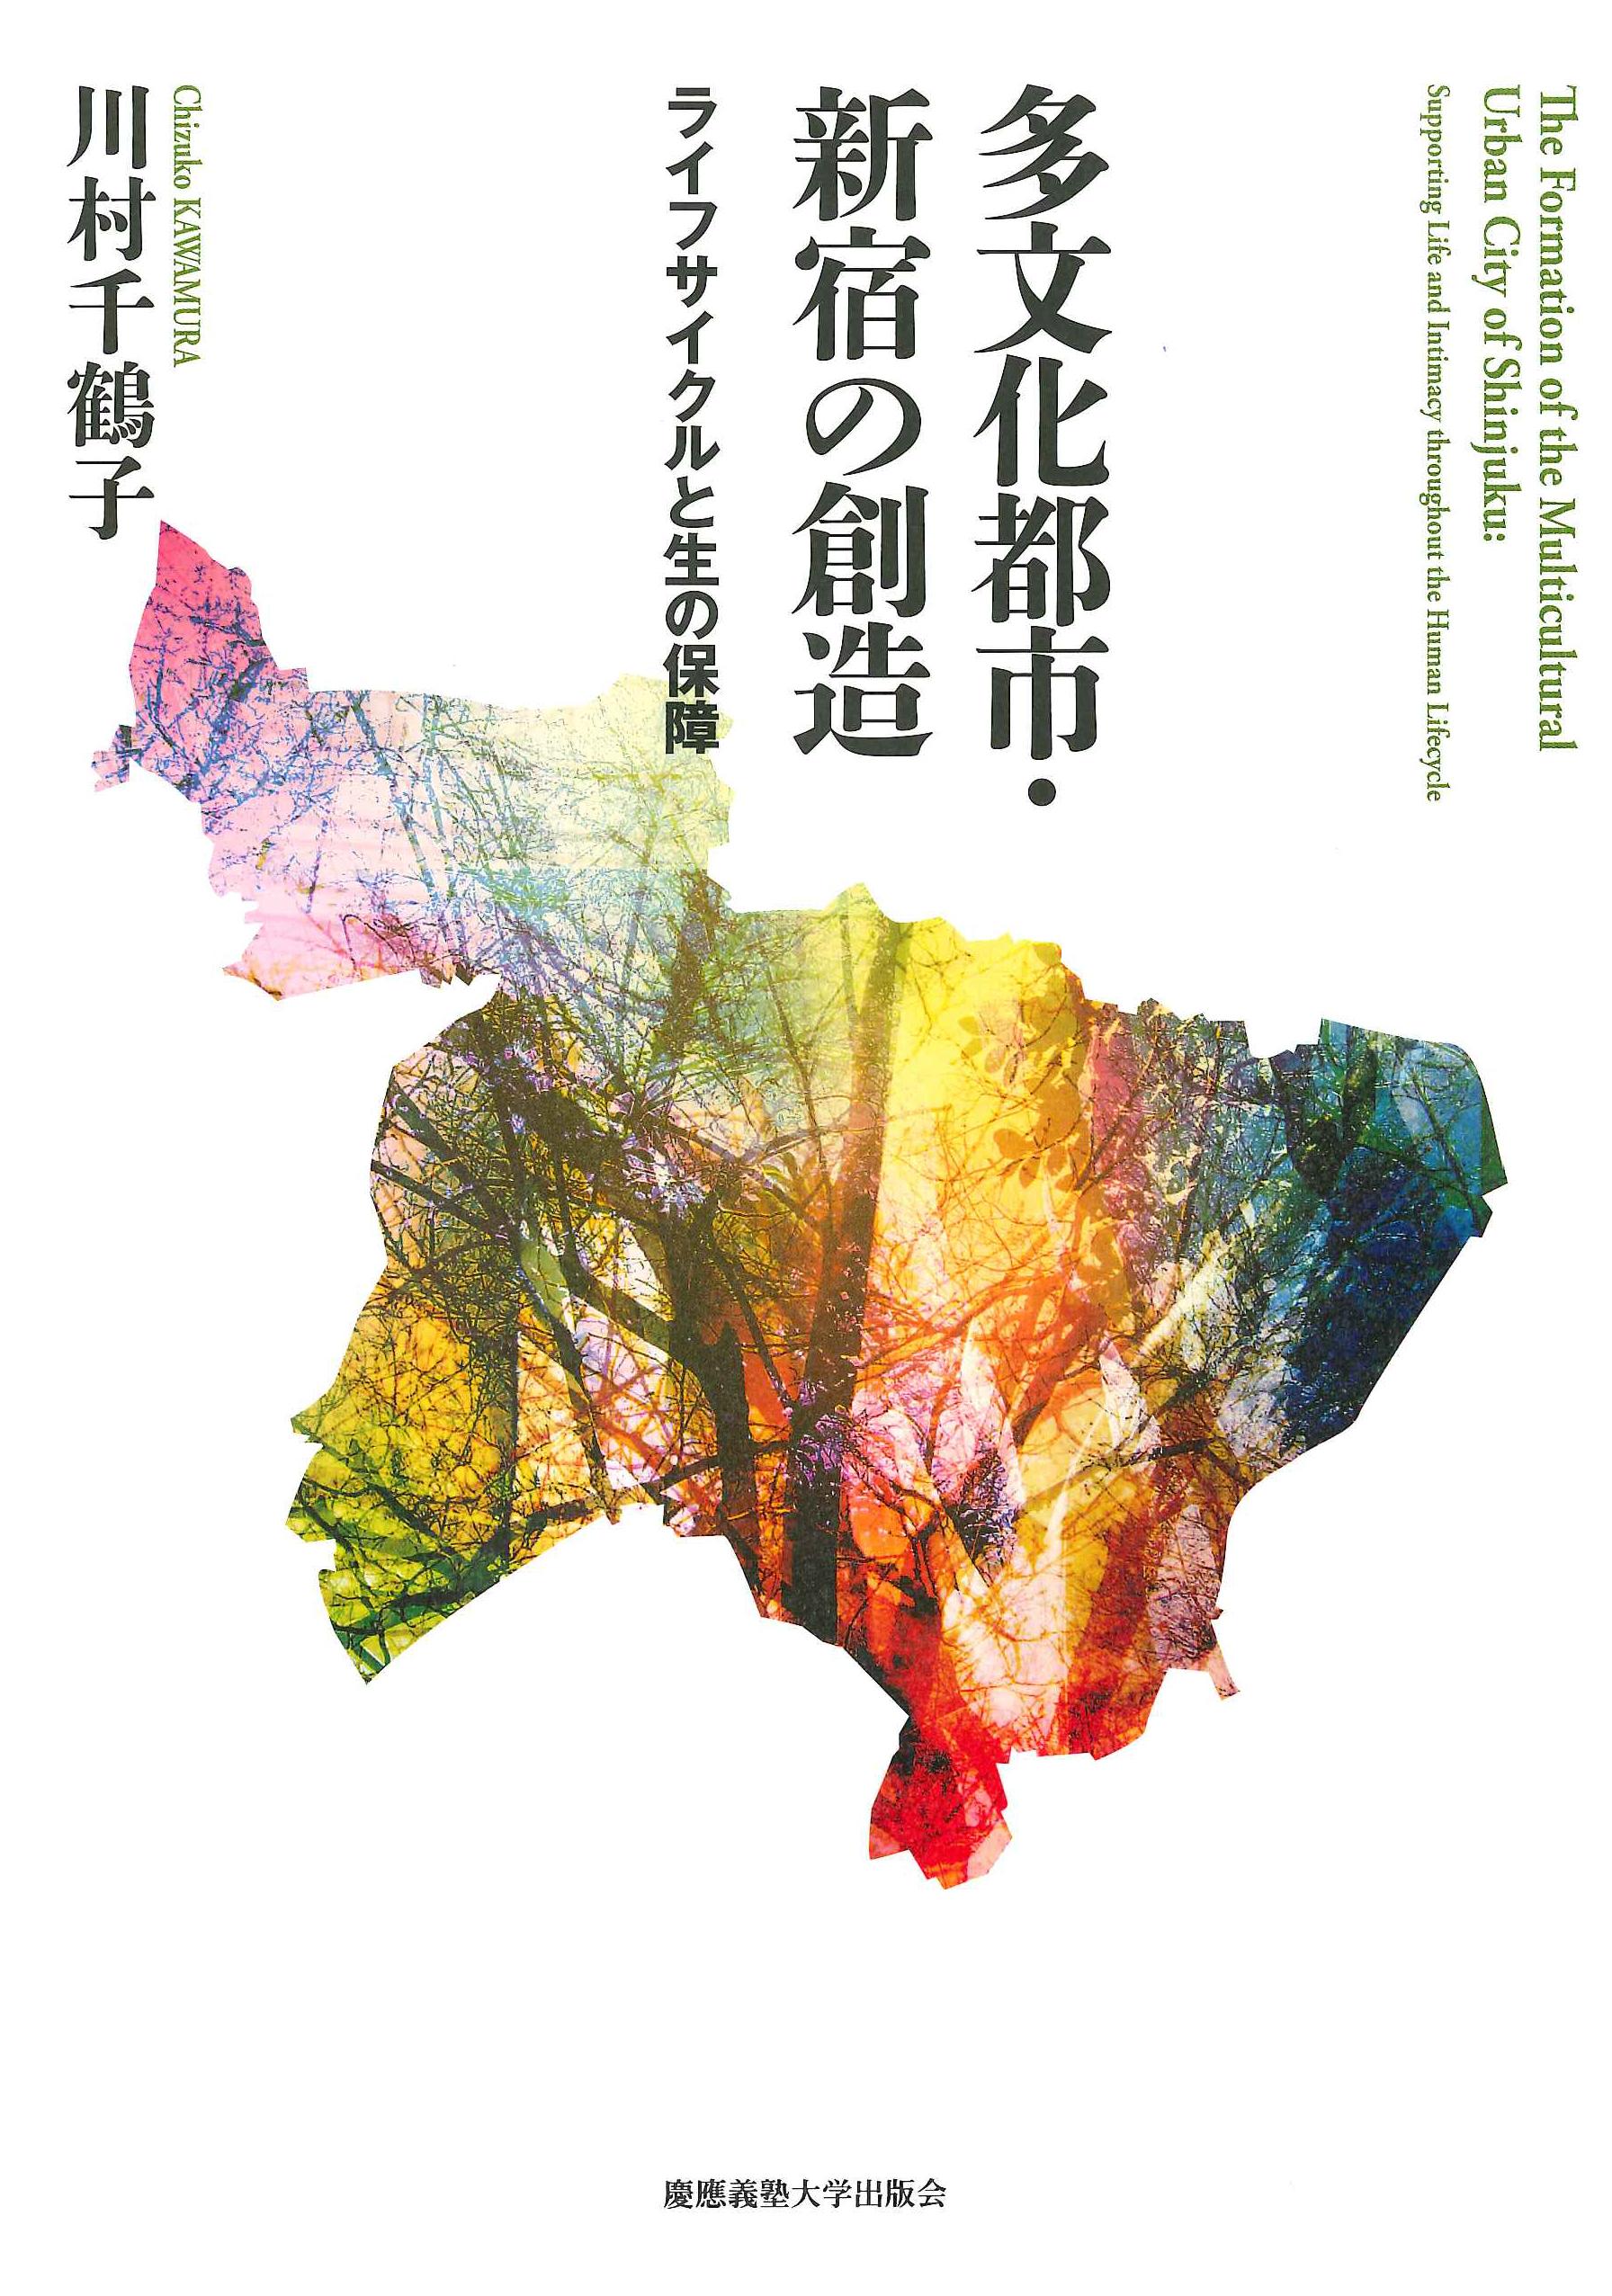 多文化都市・新宿の創造 ――ライフサイクルと生の保障 川村 千鶴子著